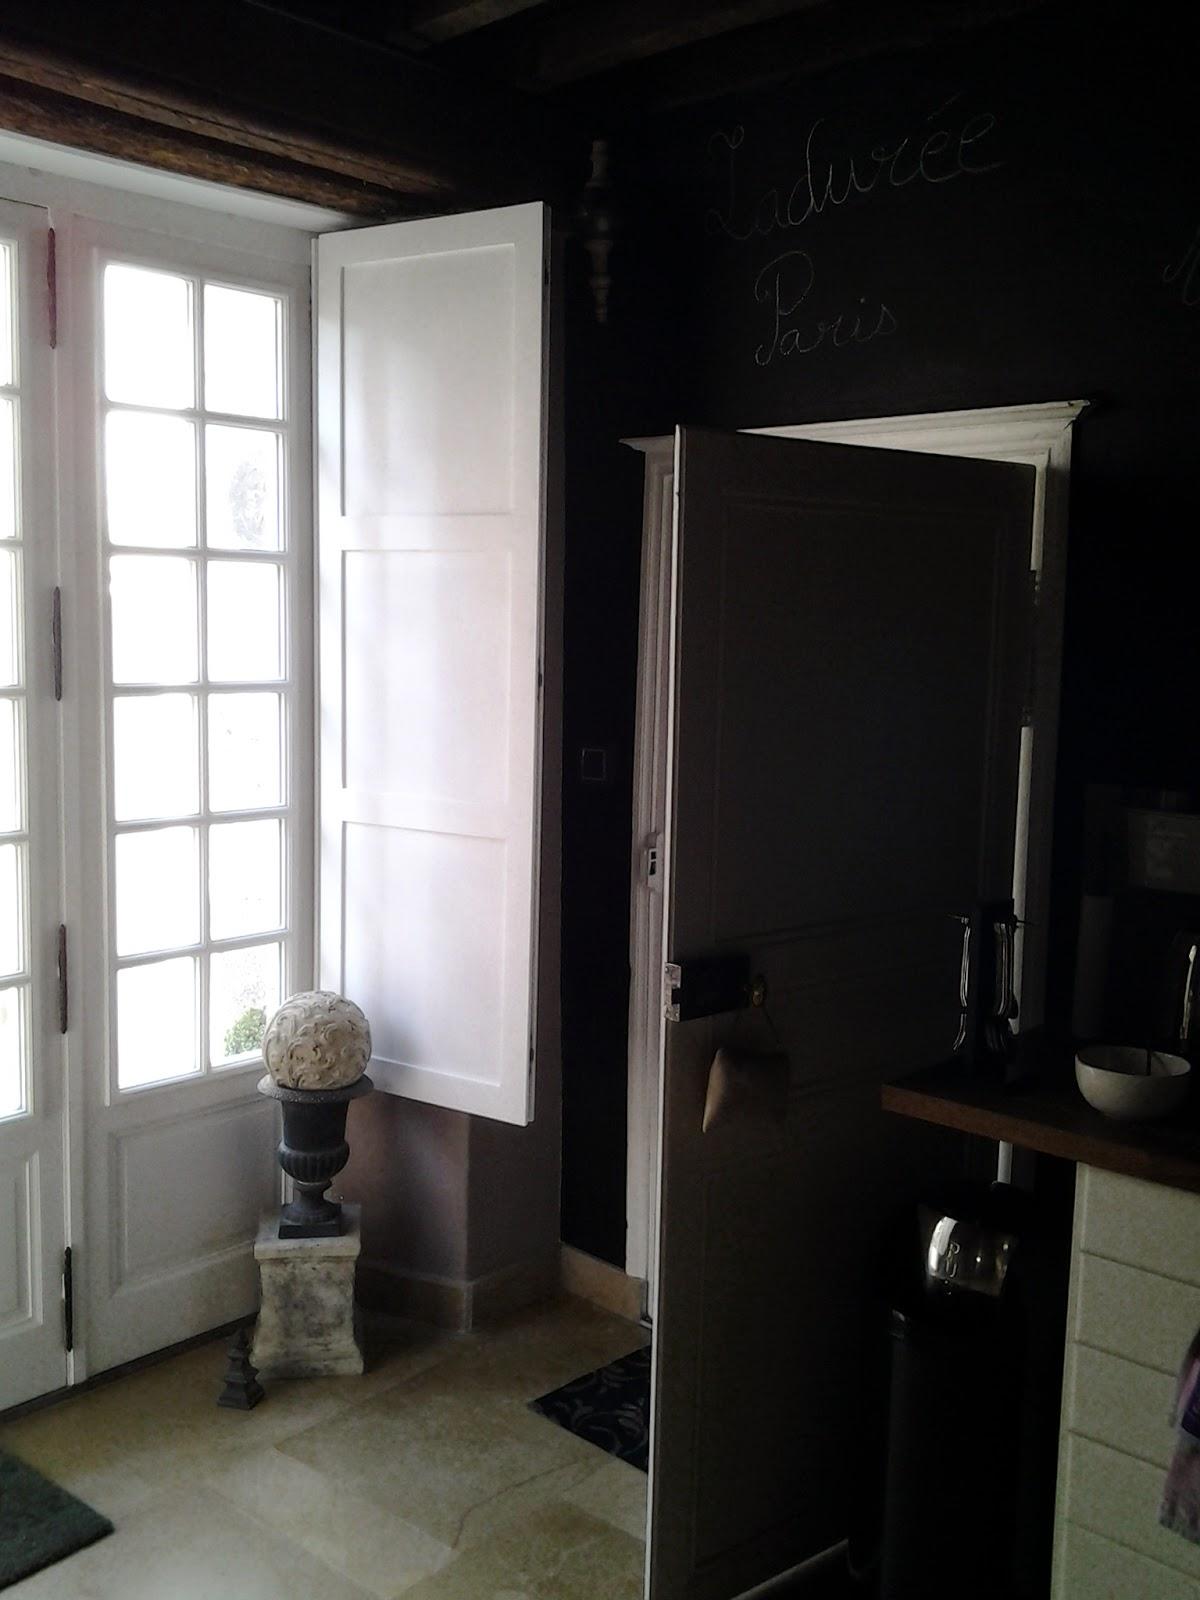 h tel du faune xvieme si cle ch tillon sur sa ne renovation des fenetres du rez de chauss e. Black Bedroom Furniture Sets. Home Design Ideas